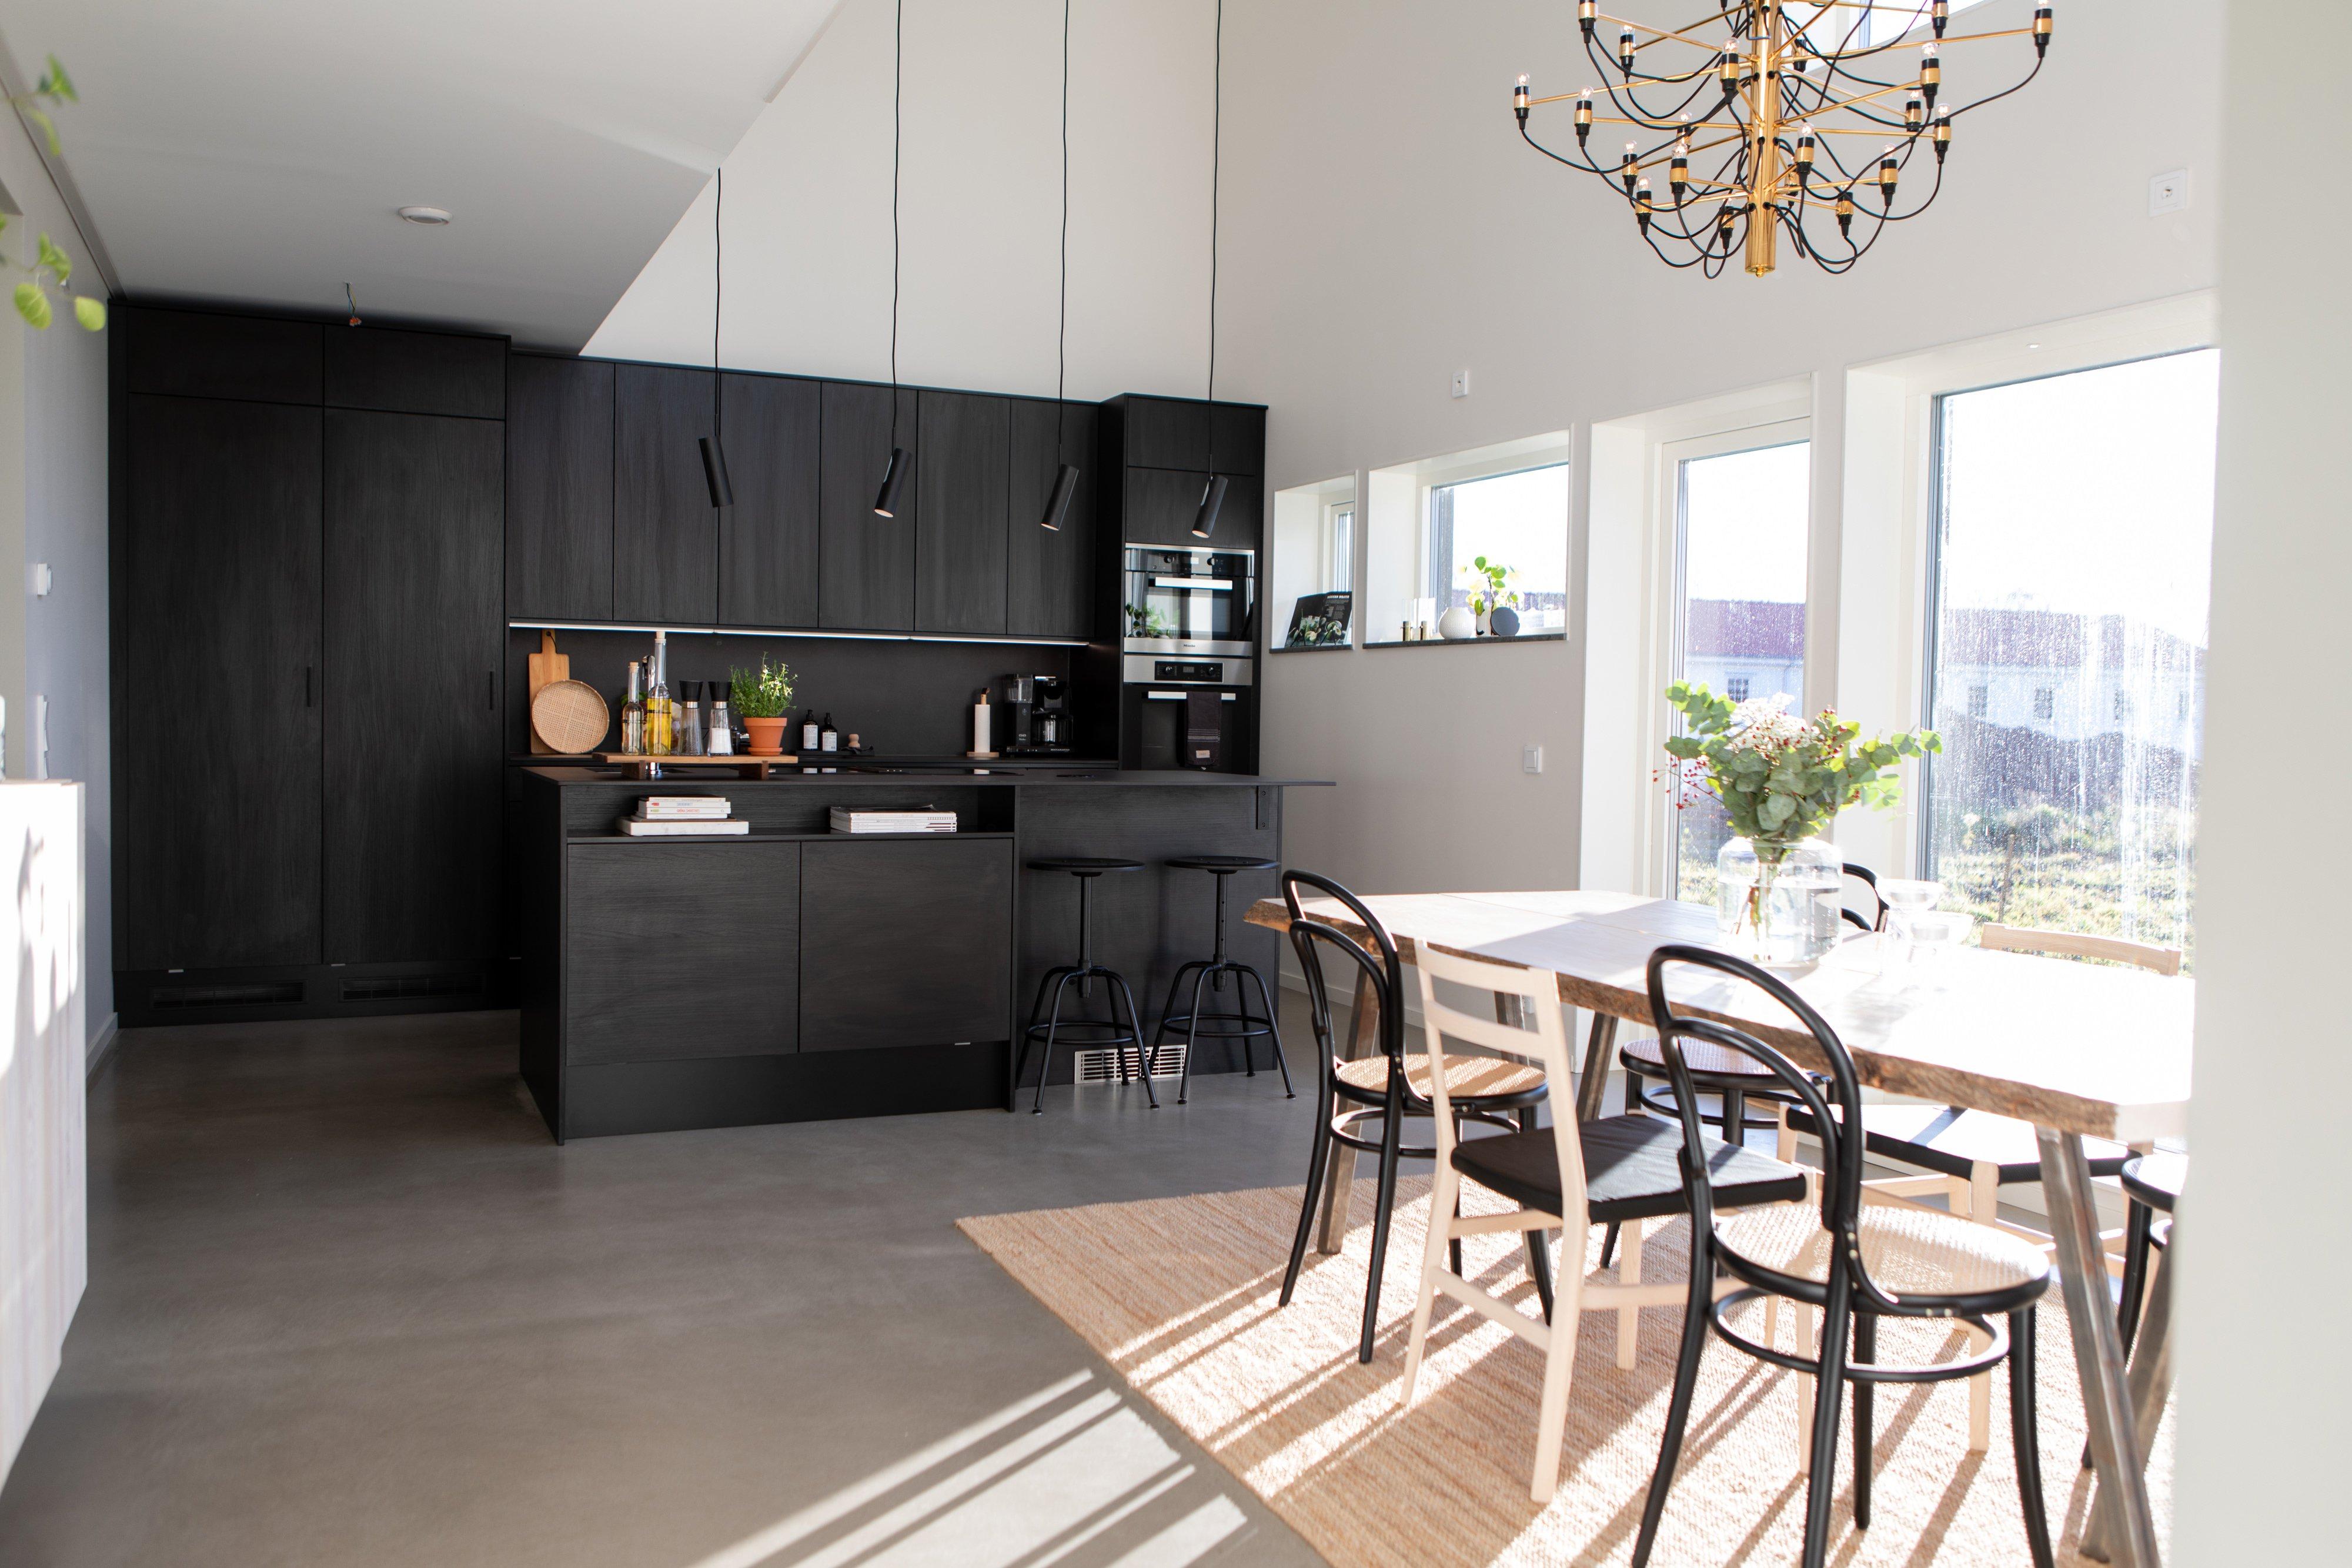 Kök & matsal i öppen planlösning — Villa Elofsson Skövdevillan